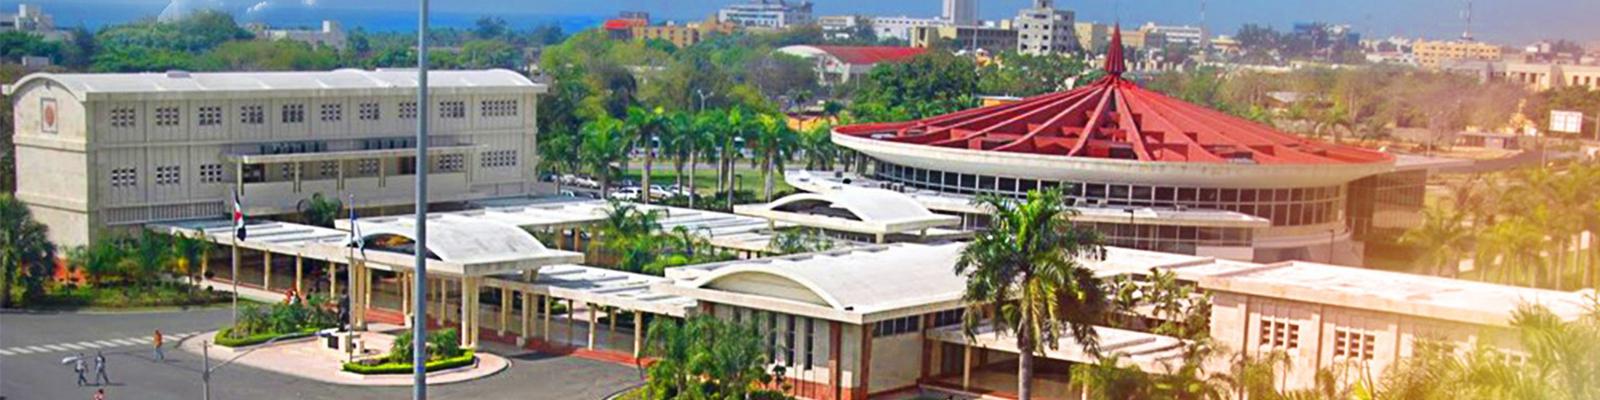 Universidad Autónoma de Santo Domingo ( UASD )